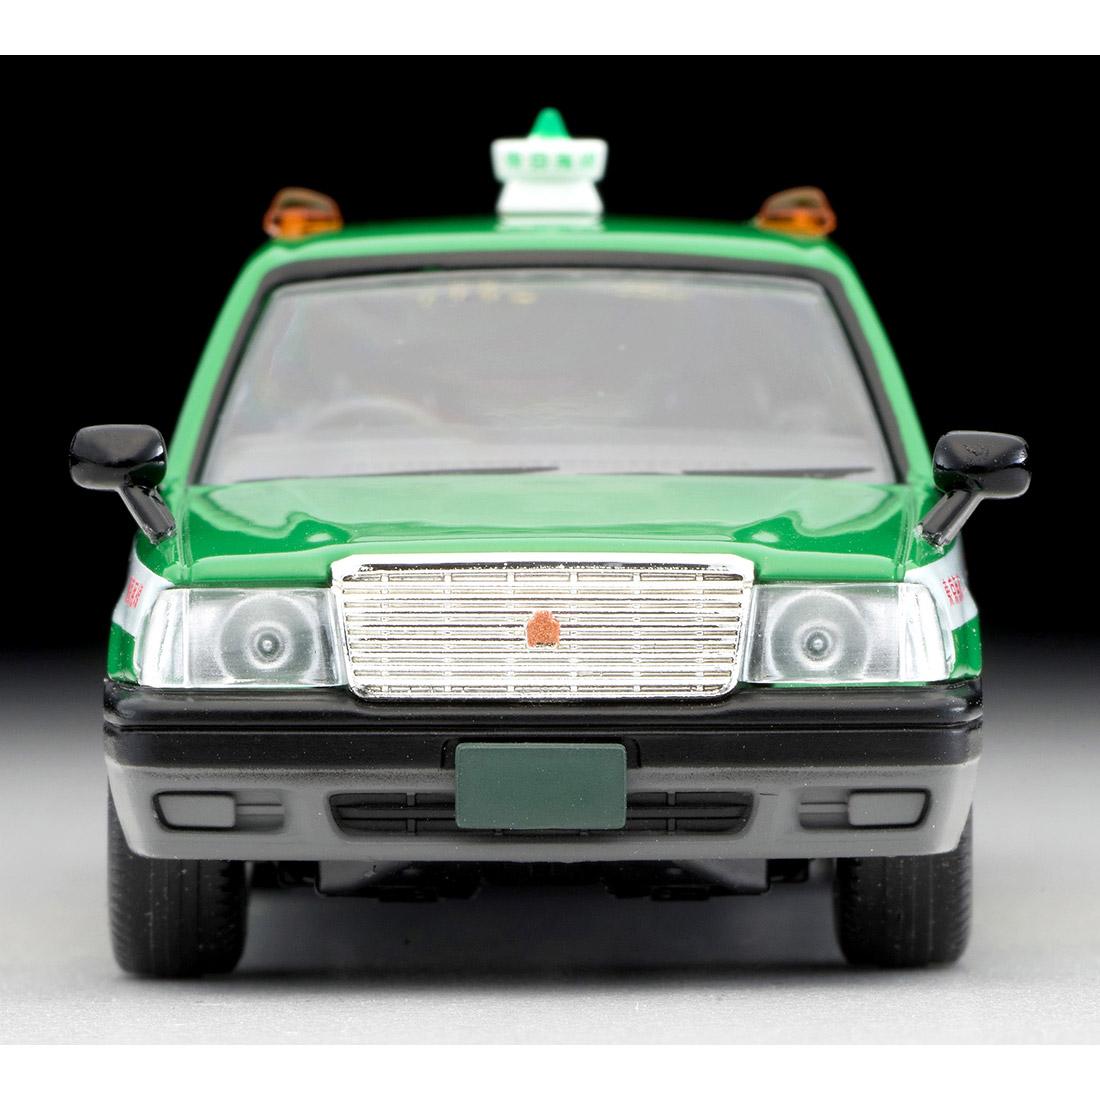 トミカリミテッド ヴィンテージ ネオ TLV-NEO『LV-N218a トヨタ クラウンコンフォート 東京無線タクシー(緑)』1/64 ミニカー-003